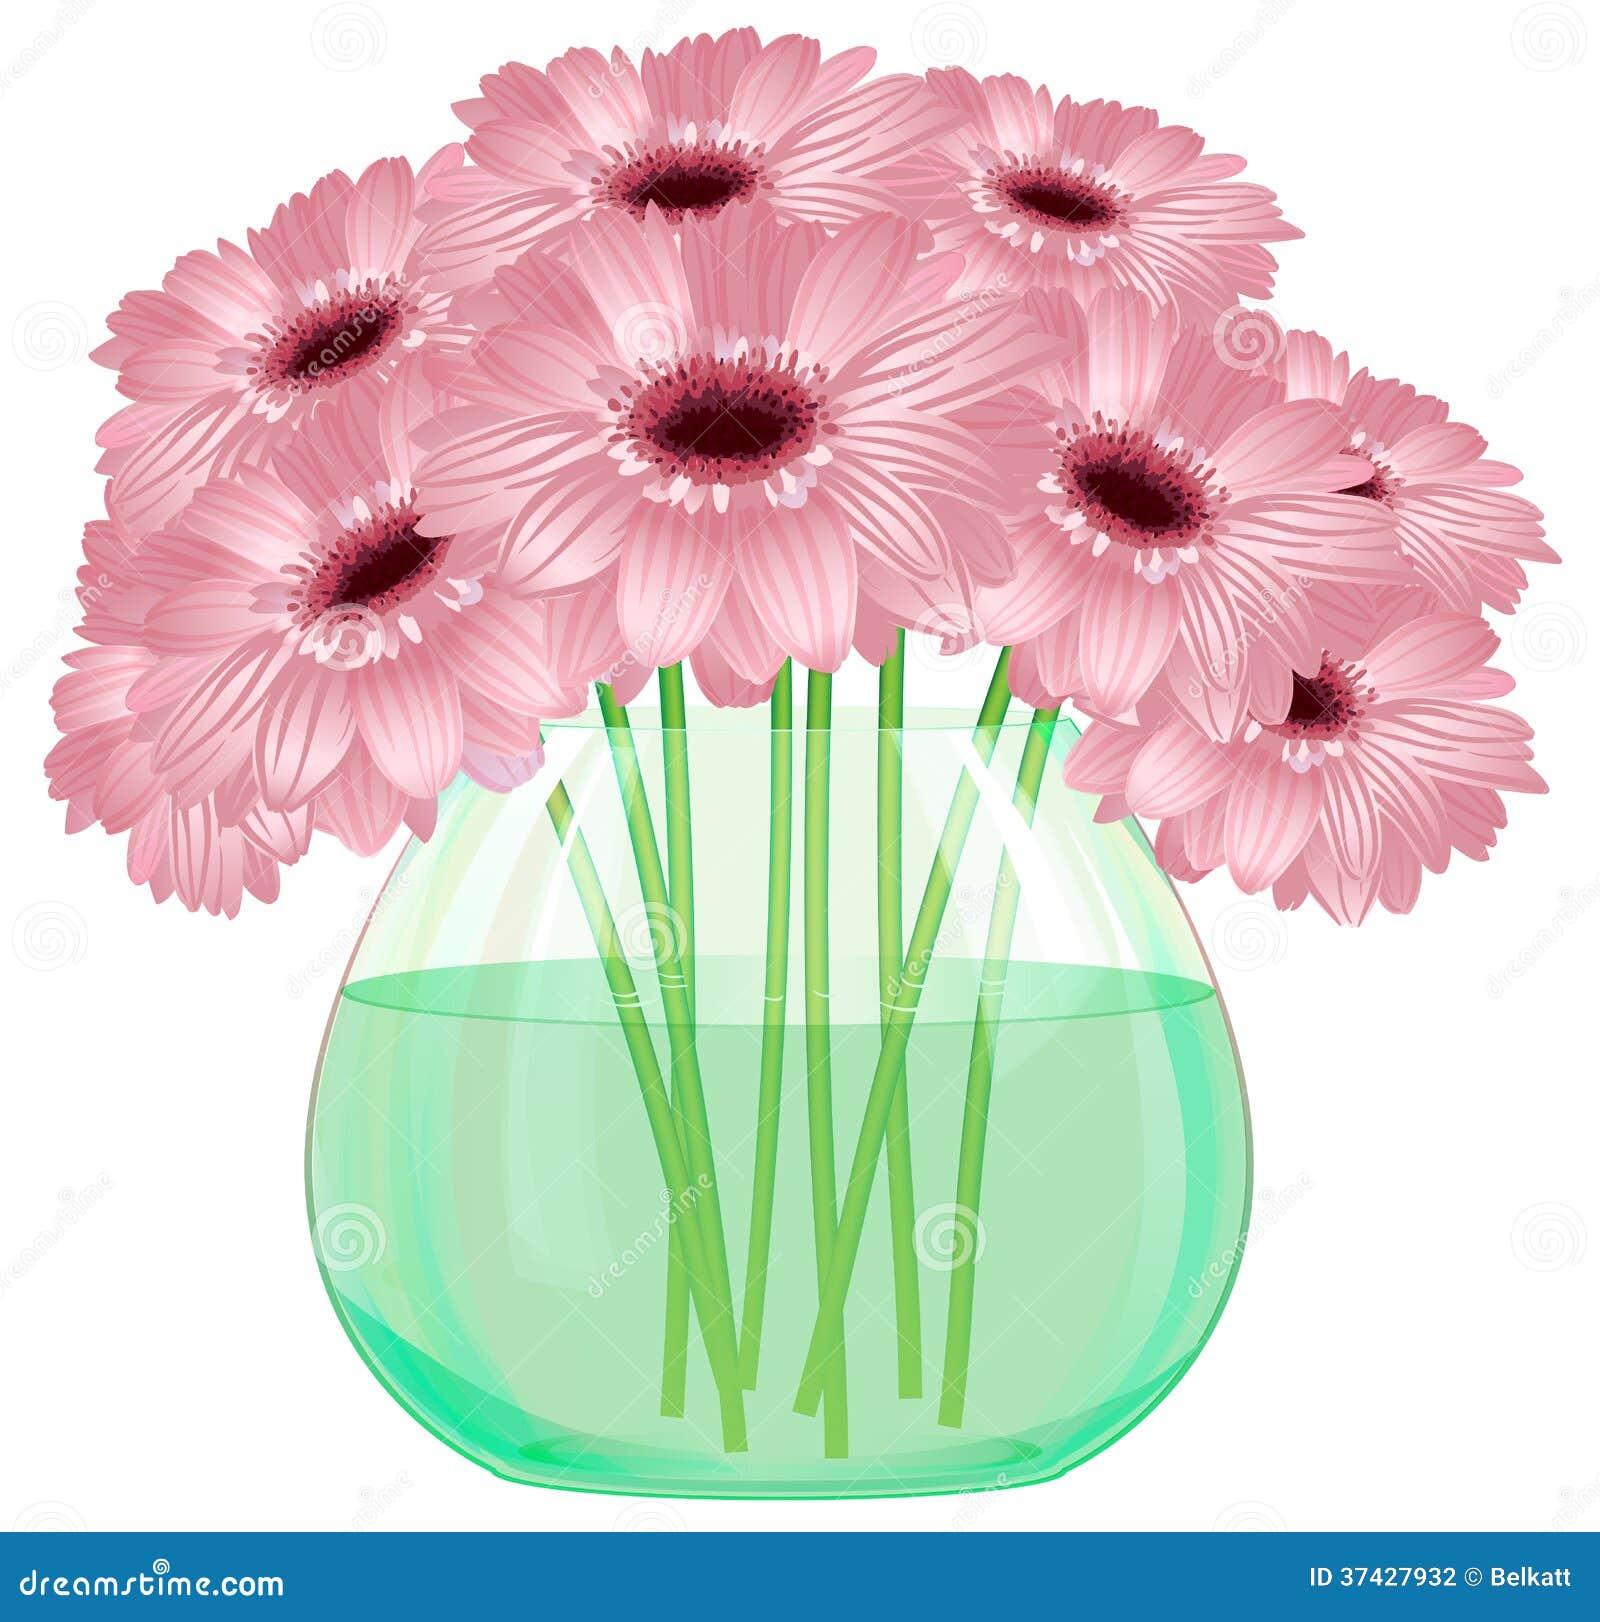 Gerbera Daisy Arrangements Vases: Daisy Gerbera Flower Bouquet In Glass Vase Stock Vector